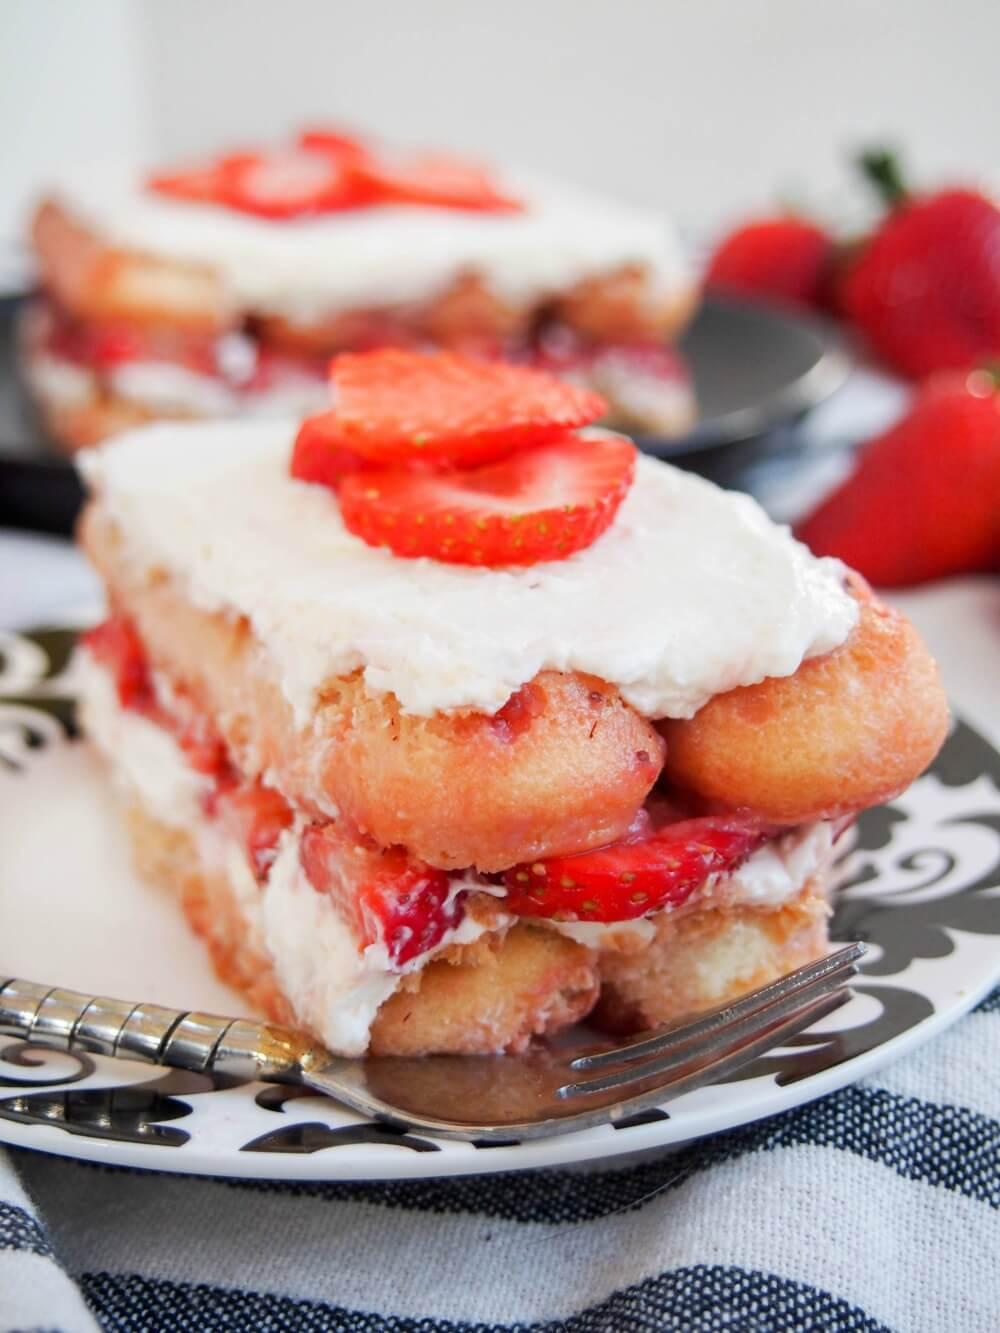 slice of strawberry tiramisu